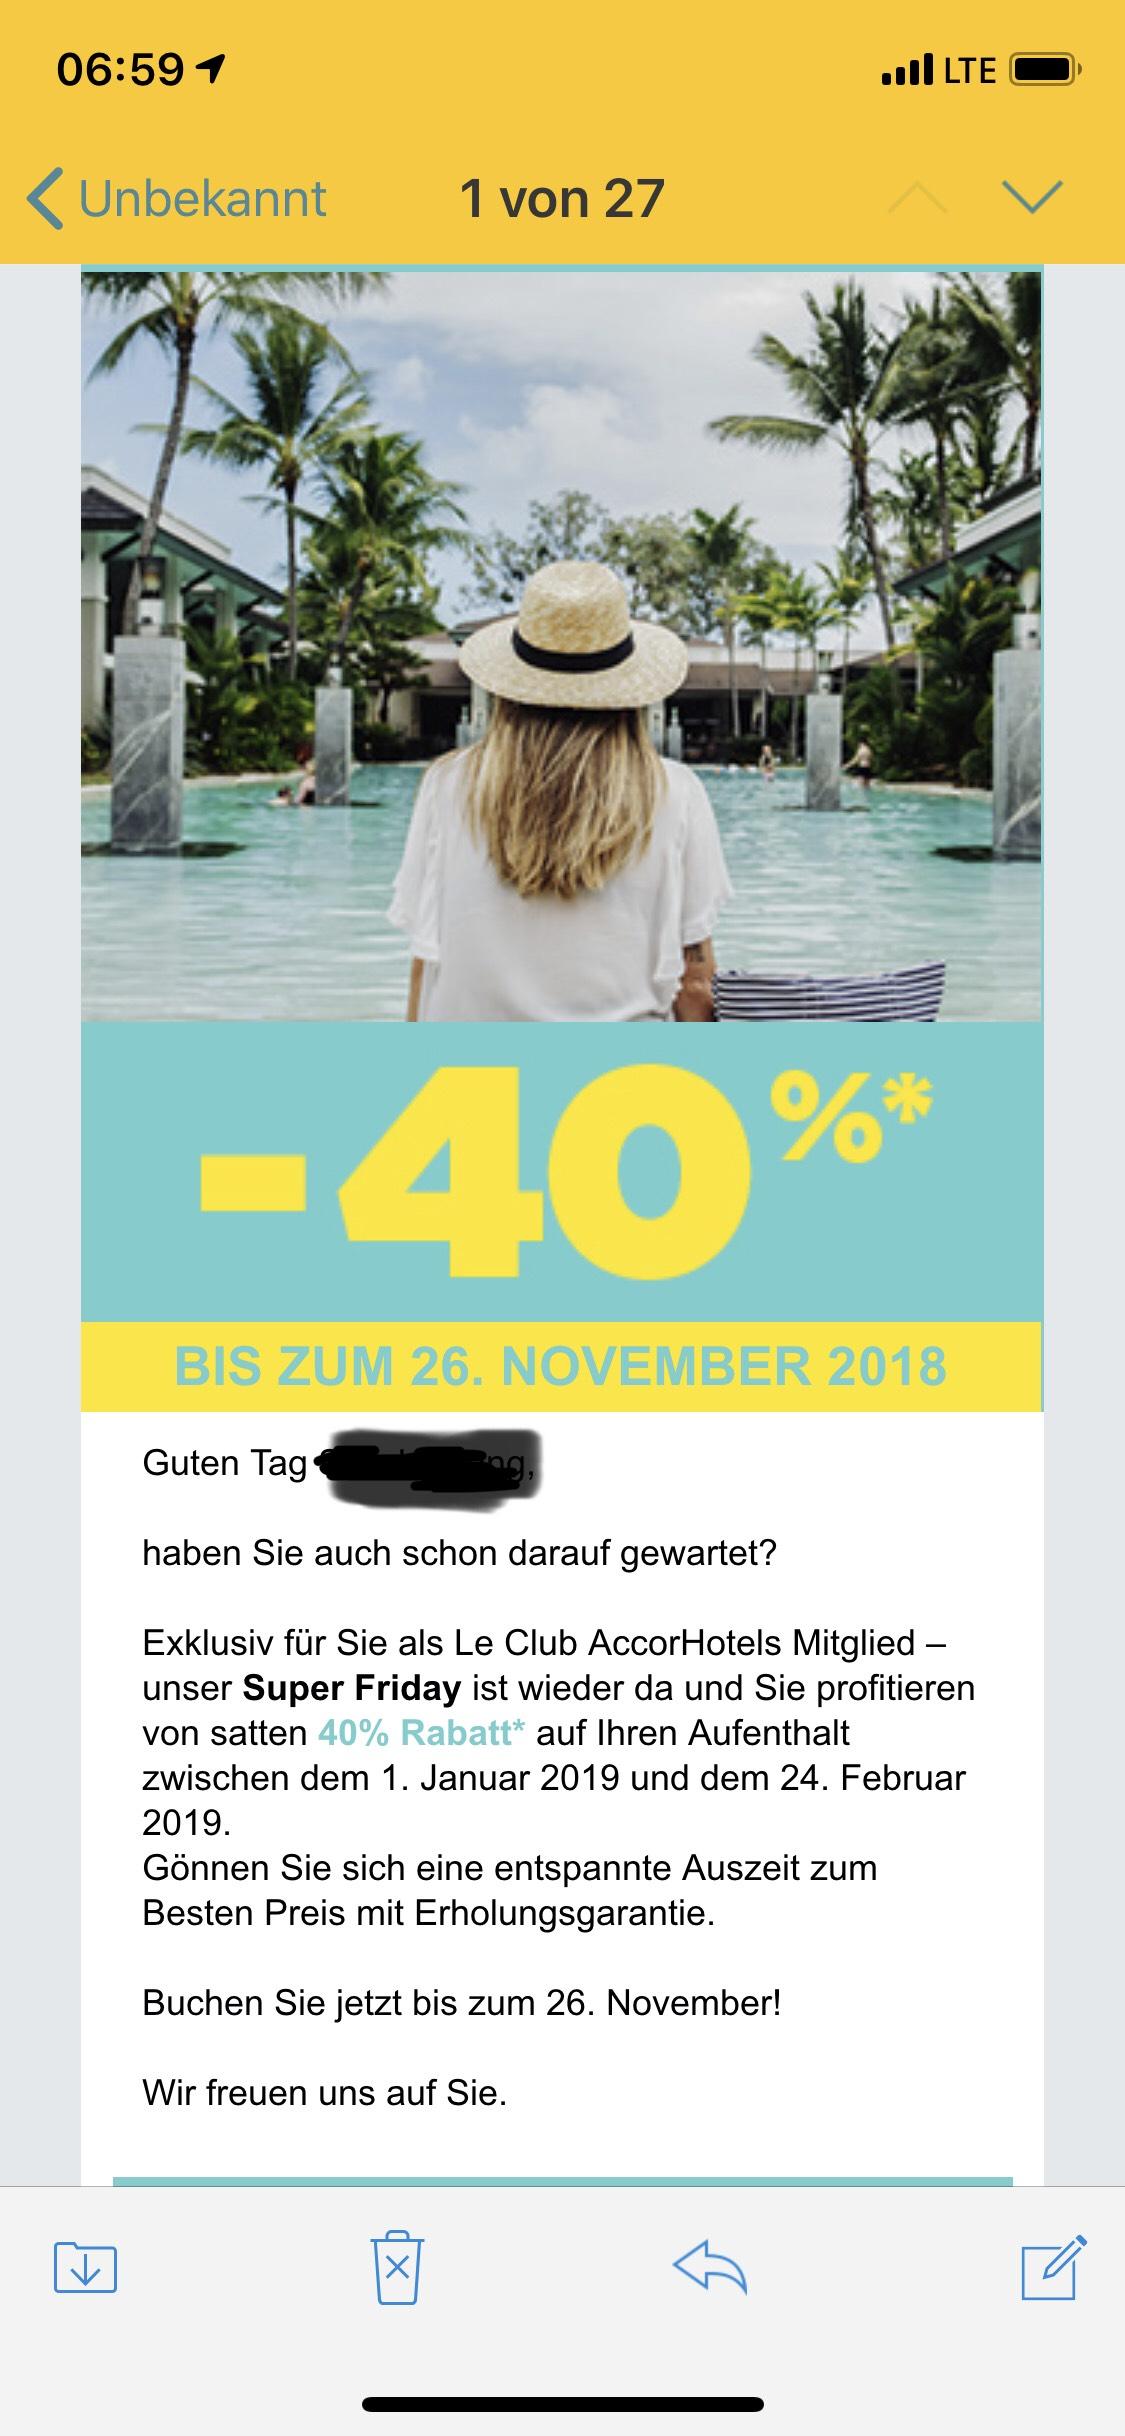 Le Club Accor Hotels 40% auf Ihren Aufenthalt